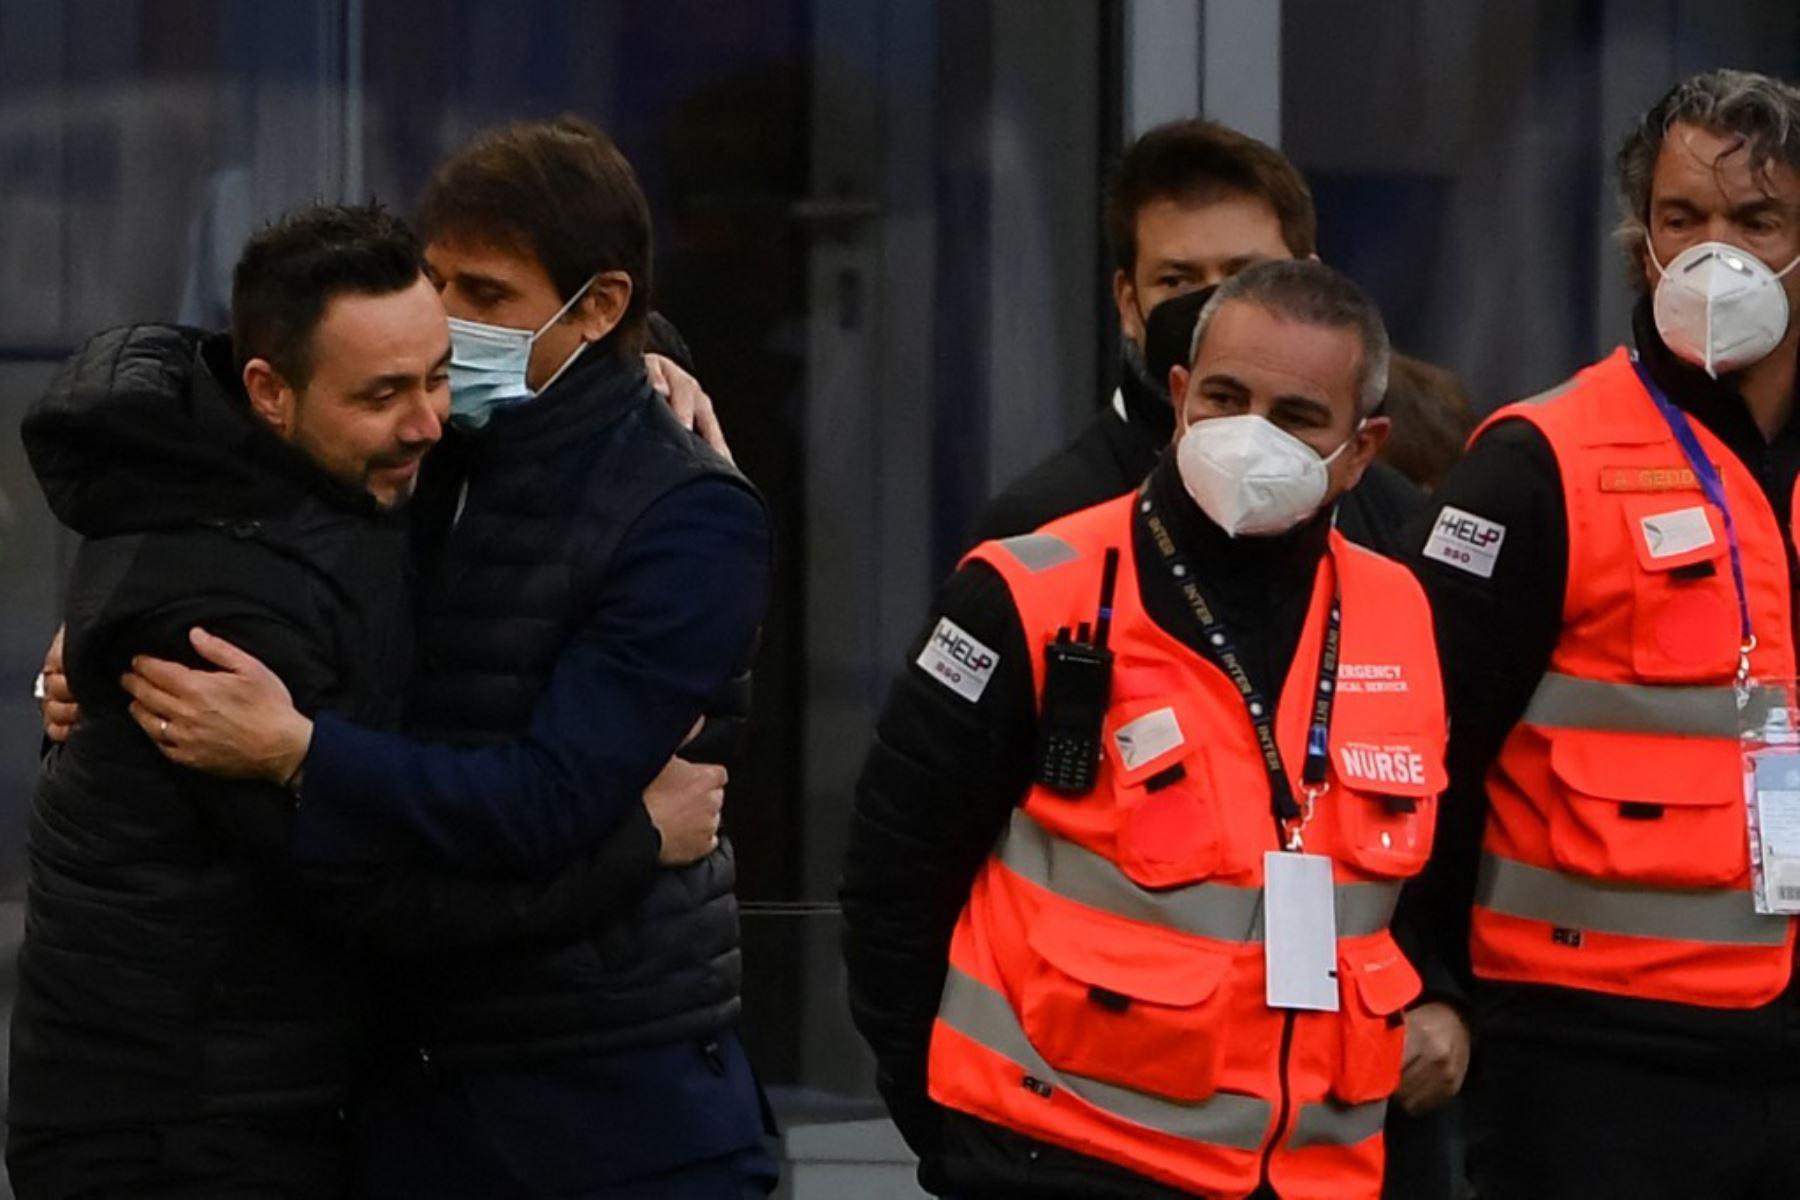 El entrenador italiano de Sassuolo, Roberto De Zerbi (izq.), Y el entrenador italiano del Inter de Milán, Antonio Conte, se abrazan antes del partido de fútbol de la Serie A italiana Inter de Milán vs Sassuolo.  Foto:AFP